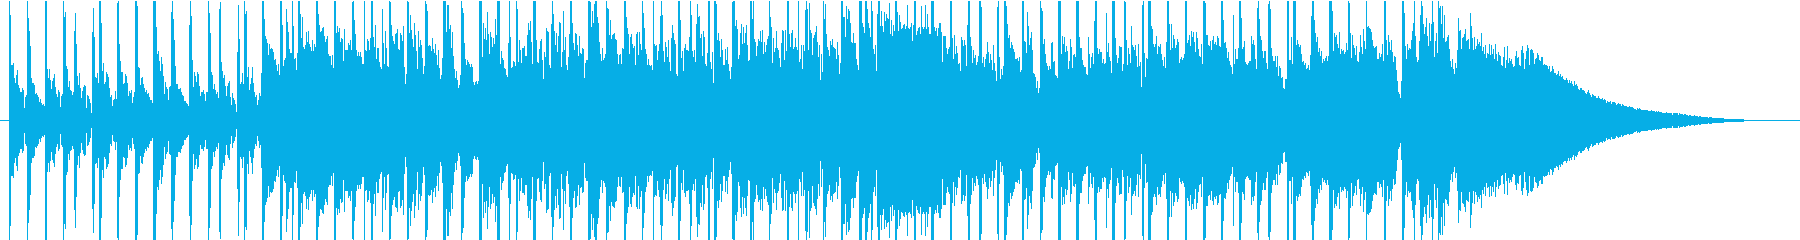 オープニング・パーティ・ポップの再生済みの波形